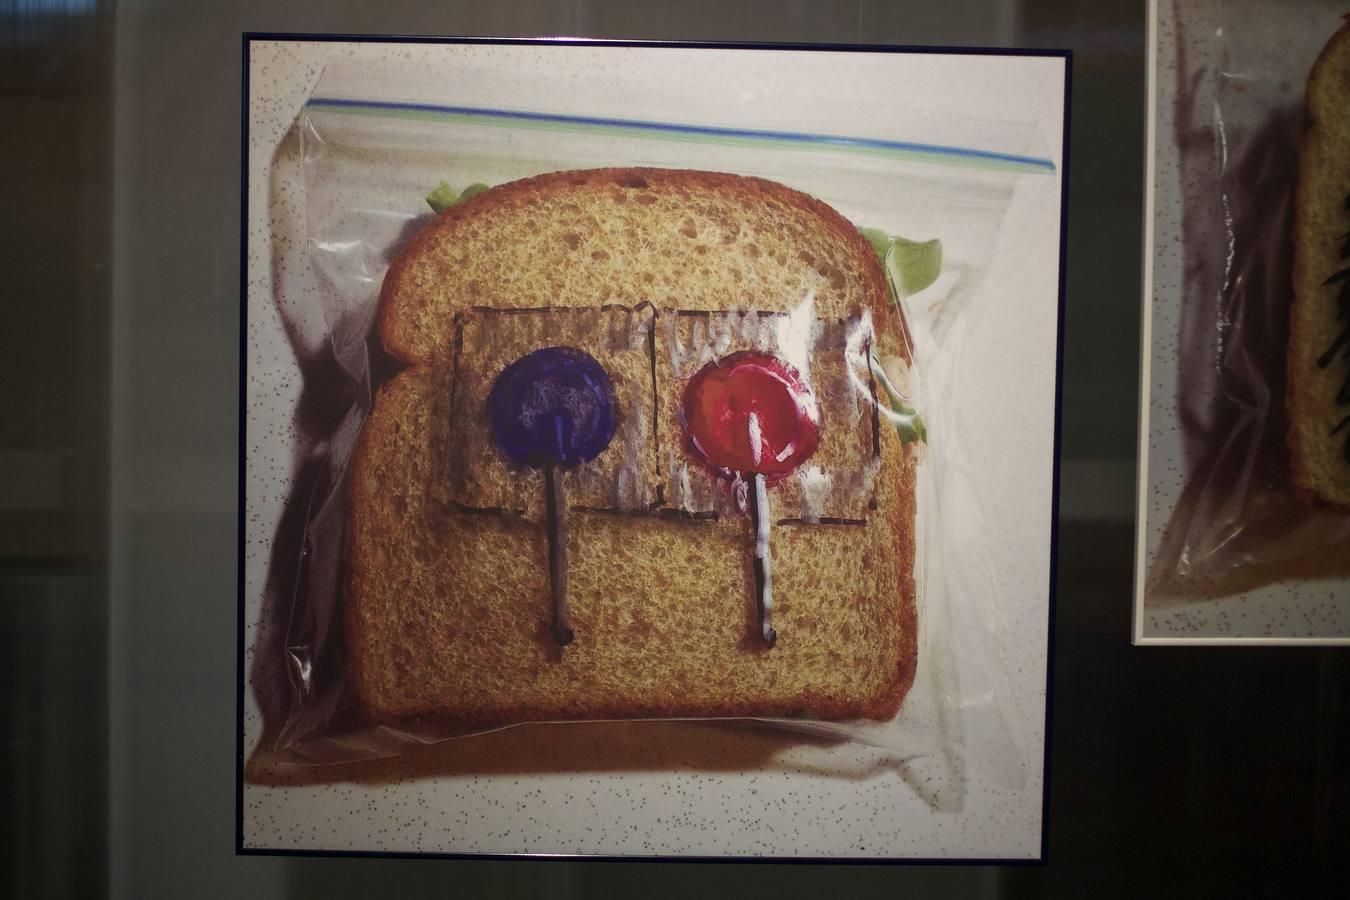 El sándwich más compartido de internet